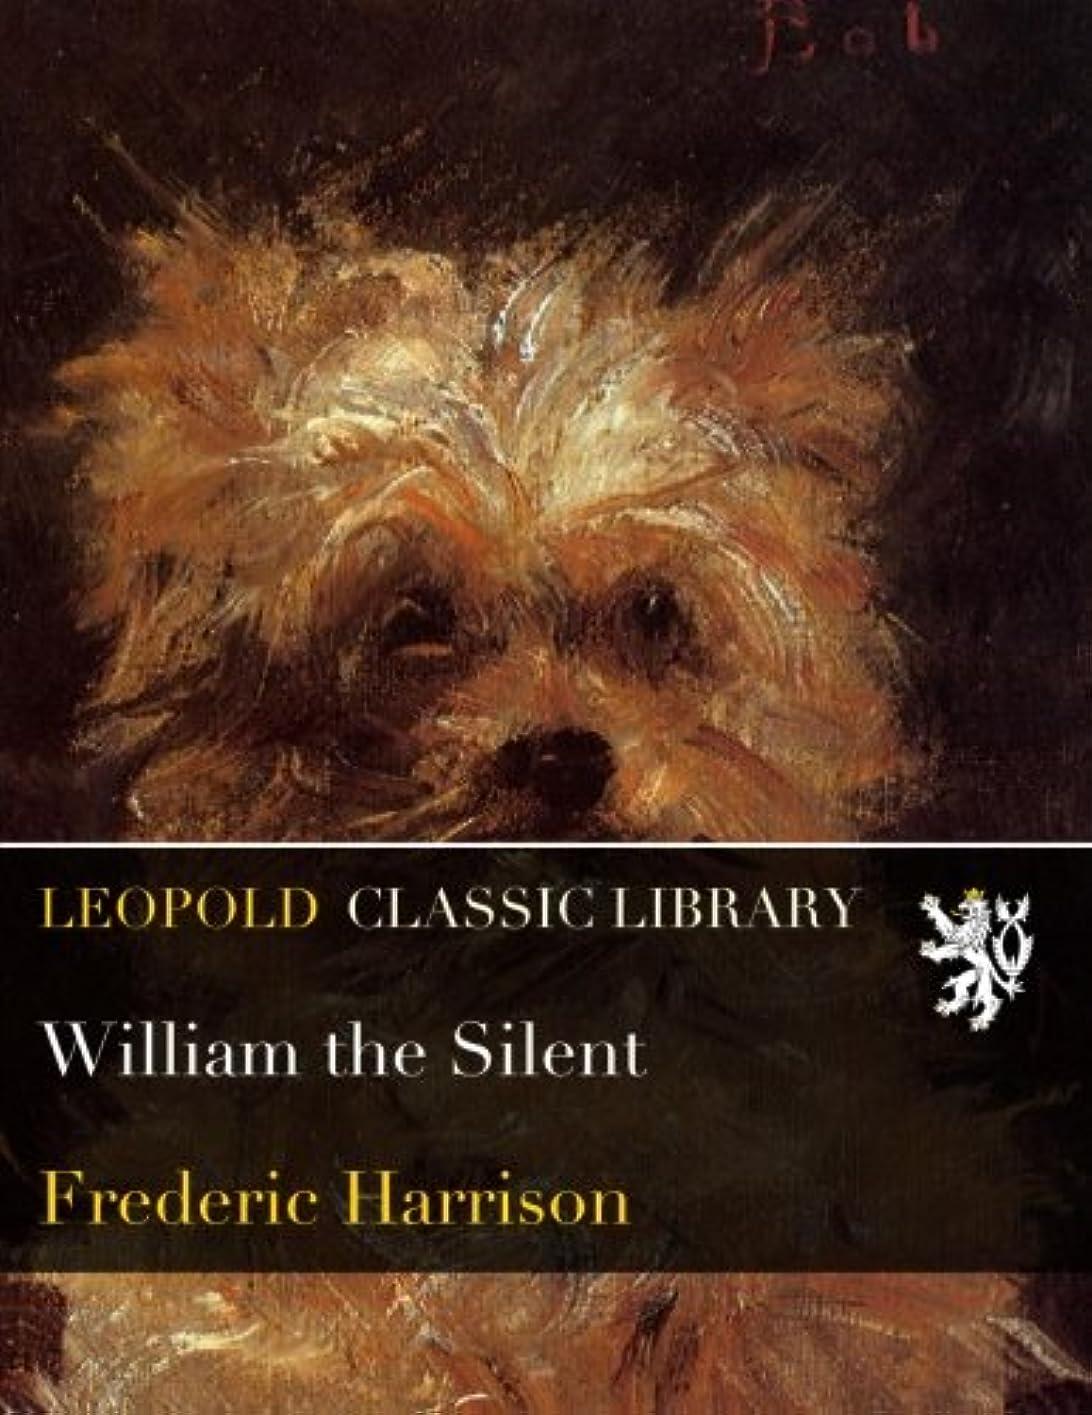 発疹とげのある情熱William the Silent